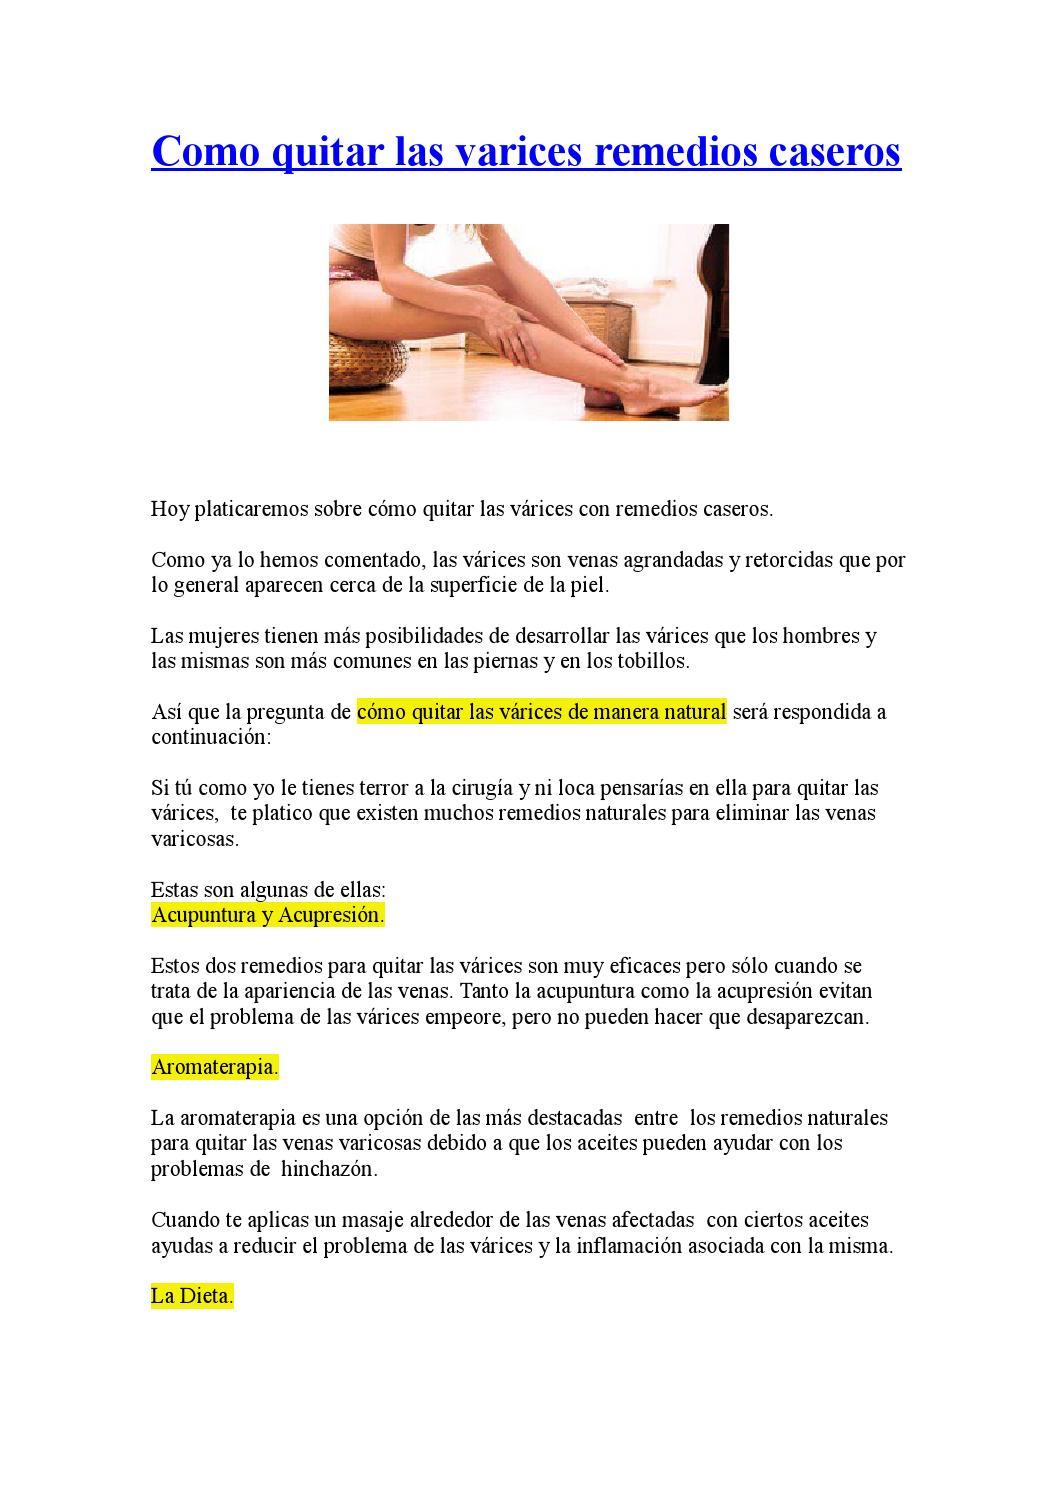 Como Quitar Las Varices Remedios Caseros By Laura De La Rosa